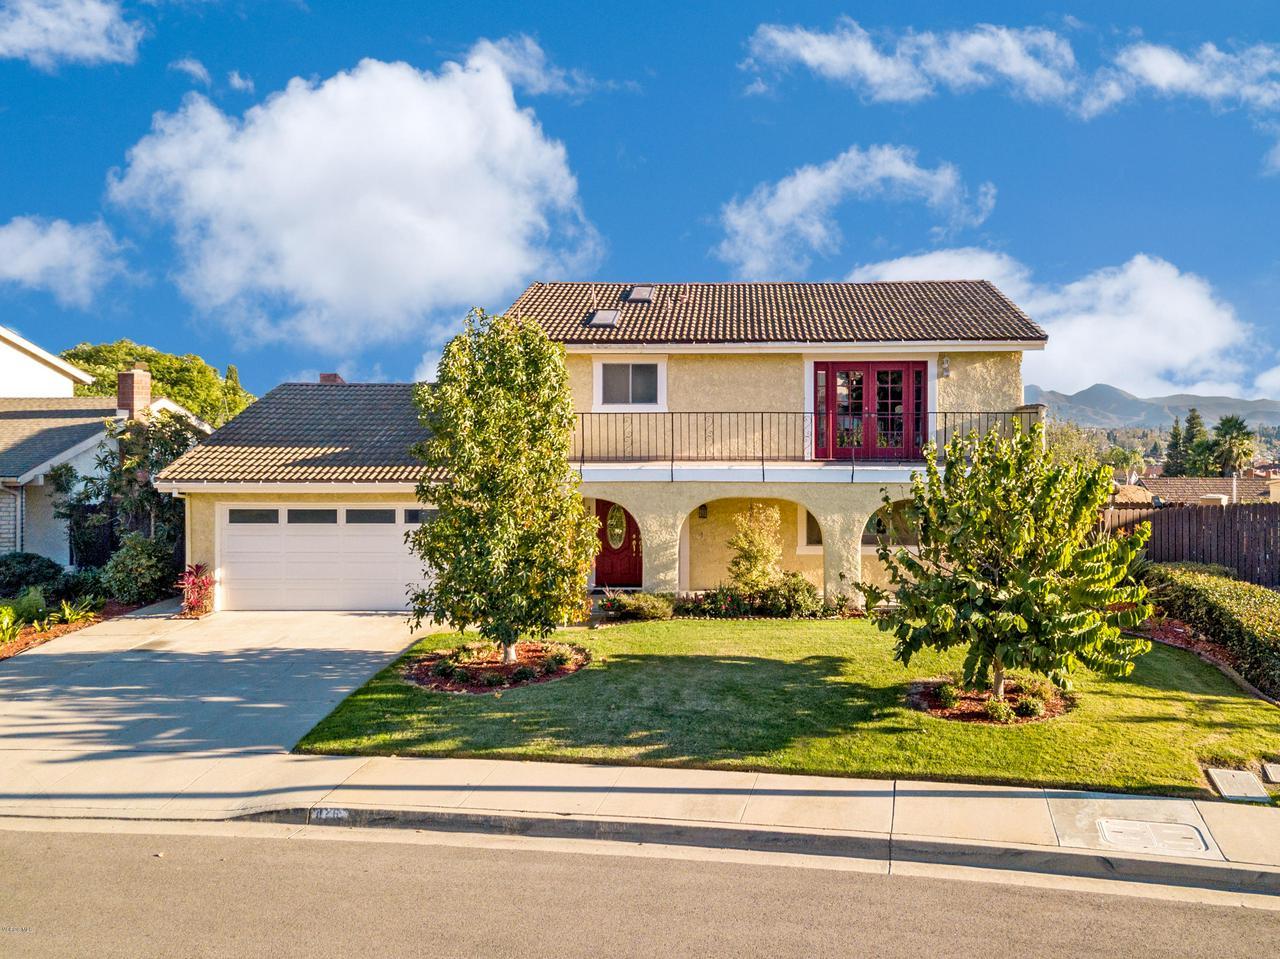 426 CALLE CONVERSE - Camarillo, California